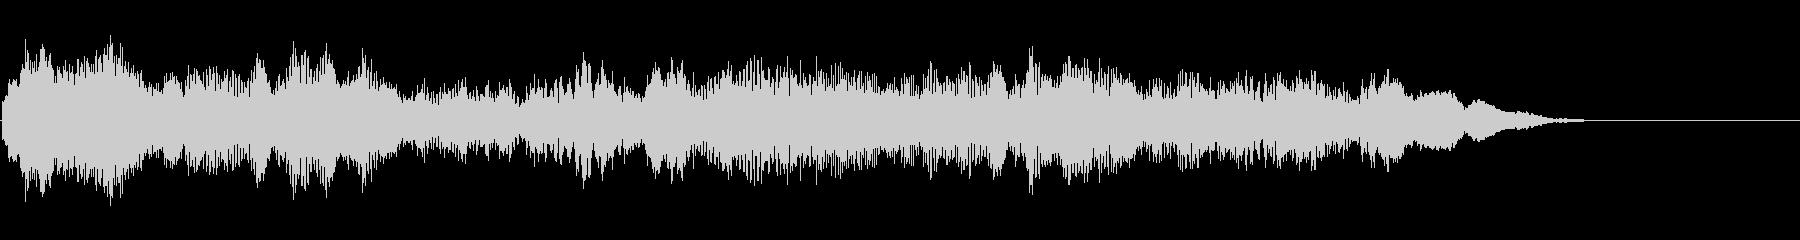 ファニーな打楽器系アイキャッチの未再生の波形